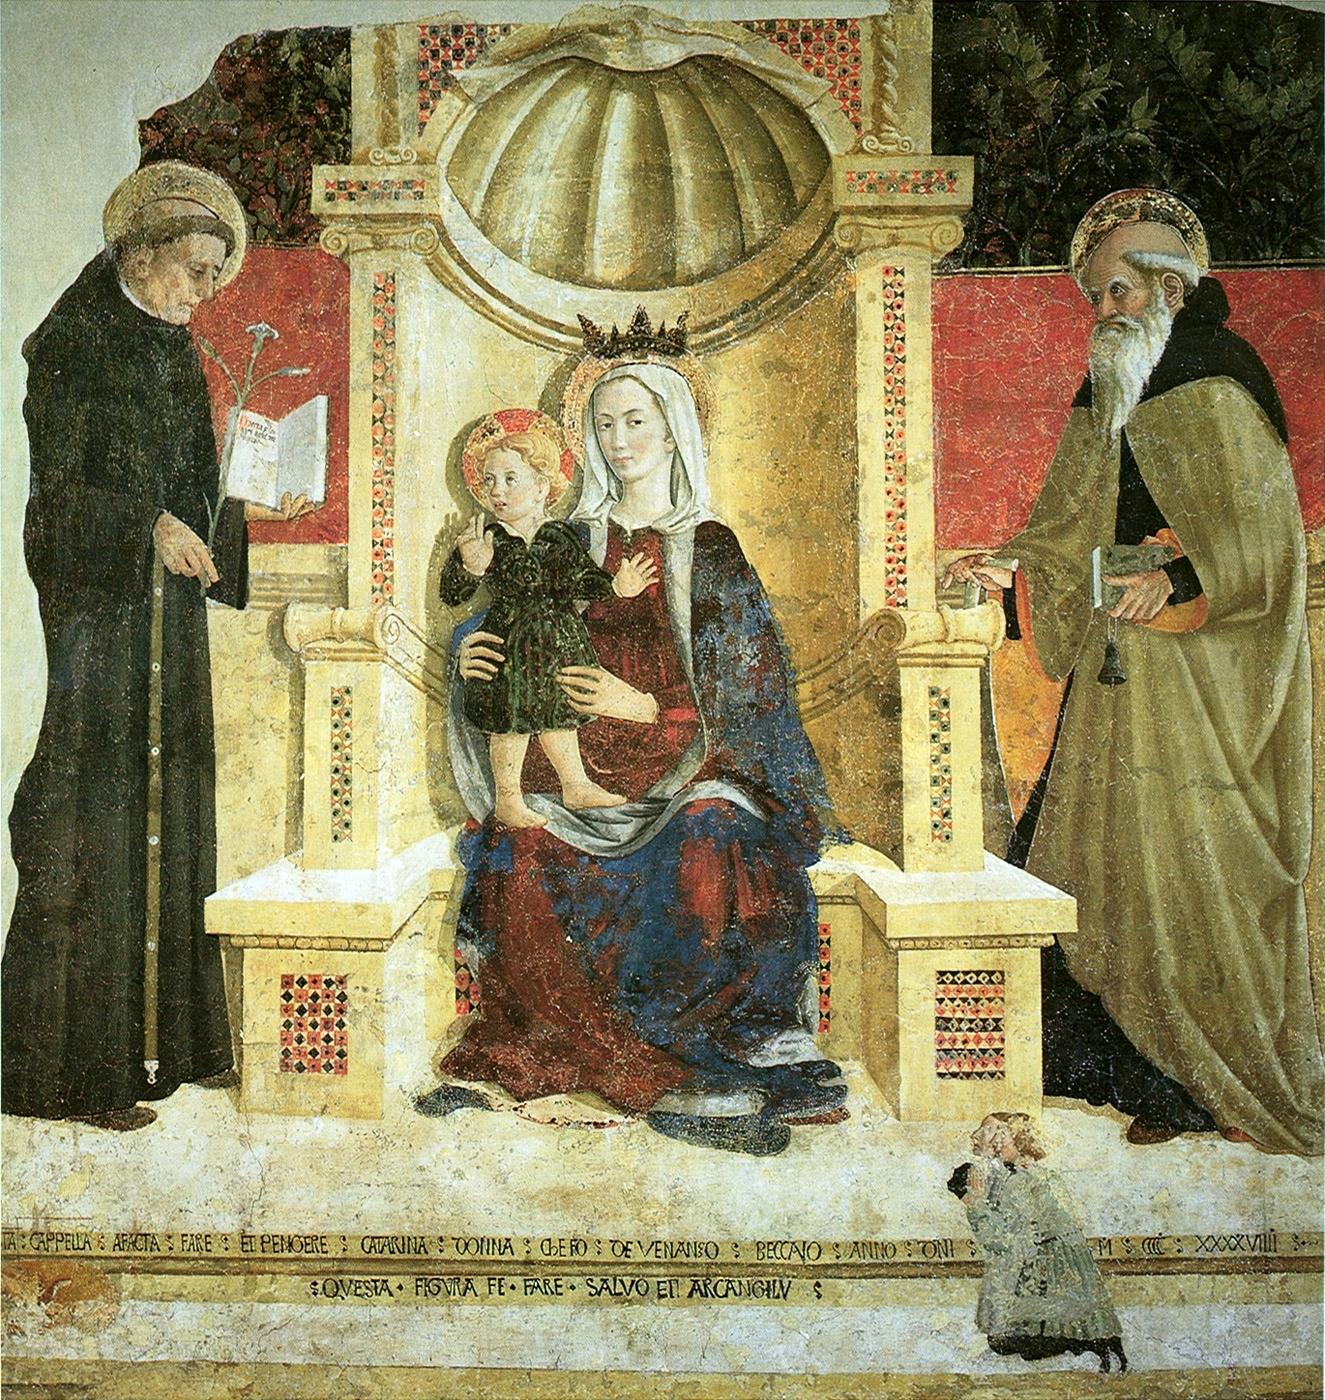 1449 Girolamo di Giovanni Nicola da Tolentino, sant'Antonio Pinacoteca e Museo Civico, Camerino